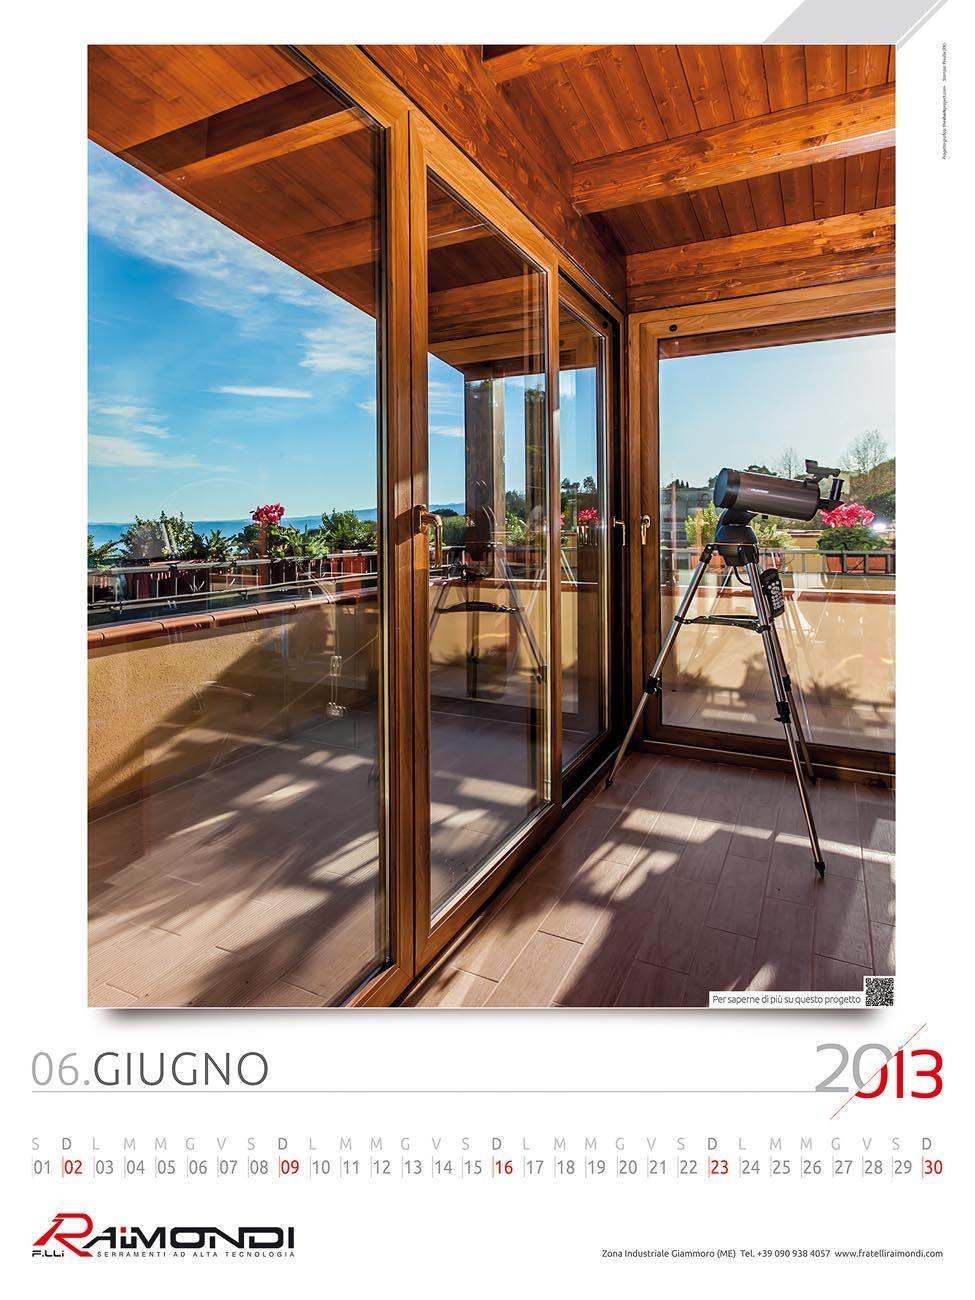 Calendario Panorama.Villa Privata Panorama E Comfort Il Calendario Fratelli